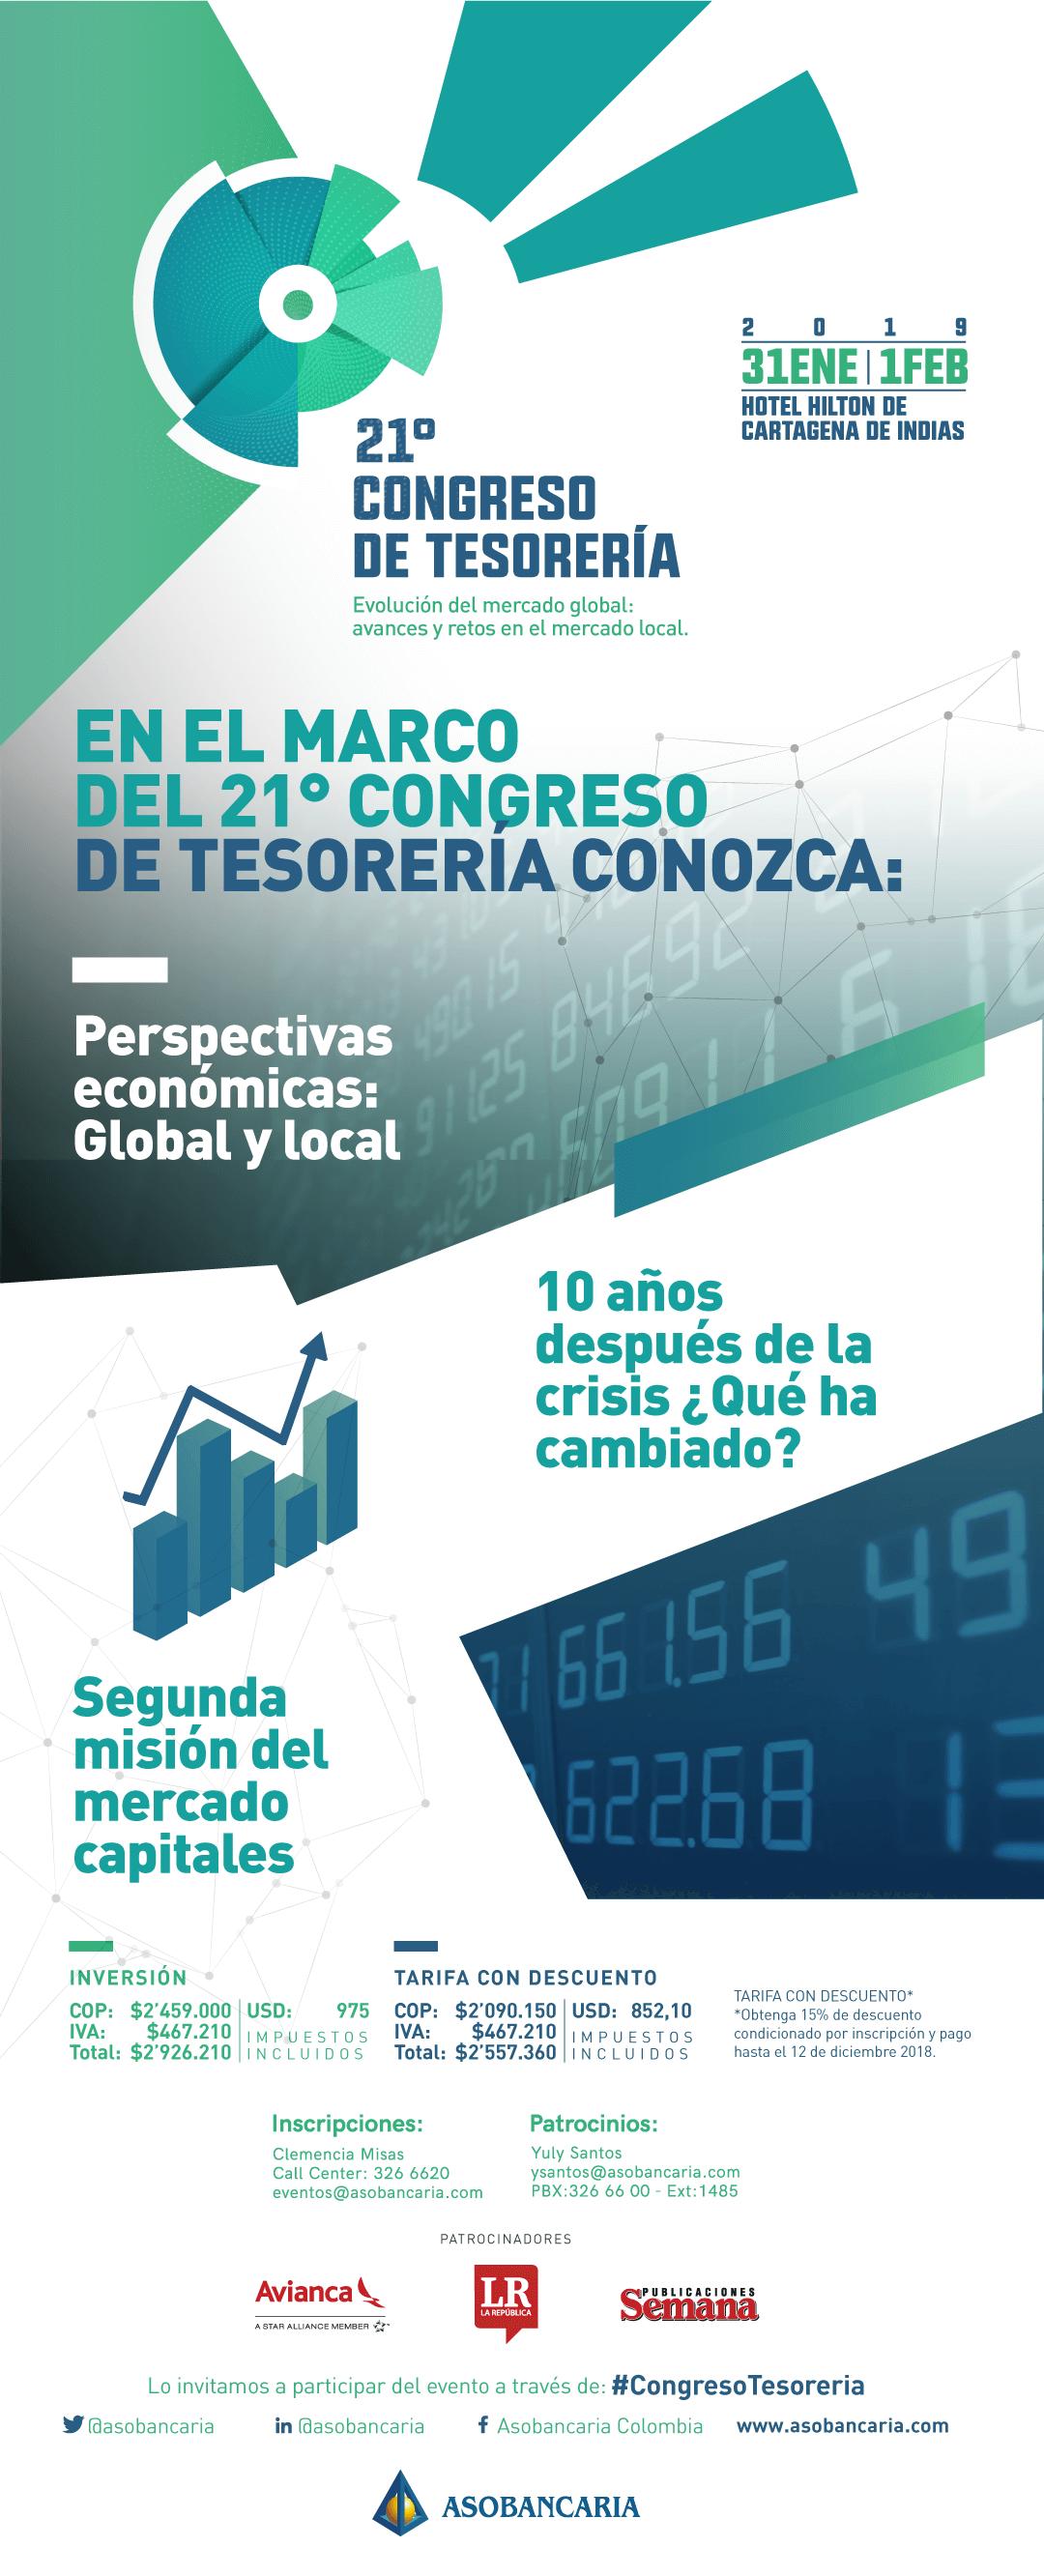 21° Congreso de tesorería